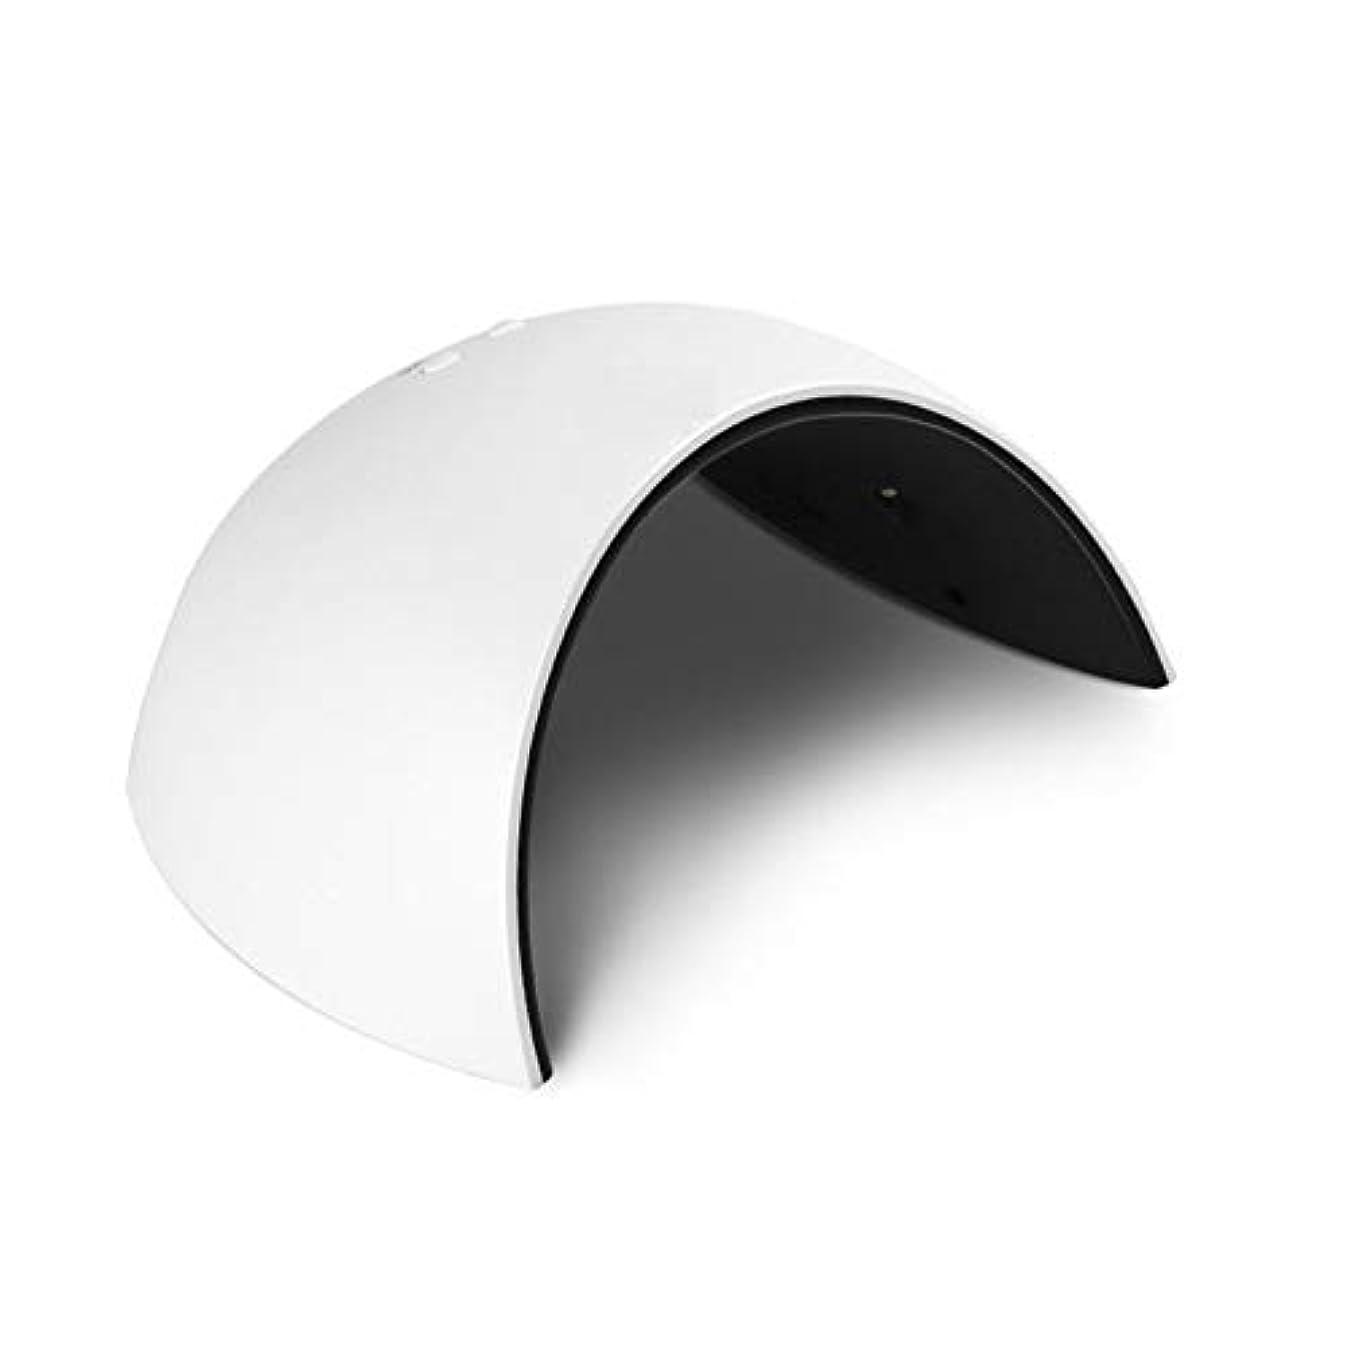 愛撫調整する調整するLittleCat マニキュアマシンベーキングガムライトセラピーランプネイルドライヤー日ランプはLEDネイルUVランプ (色 : White)